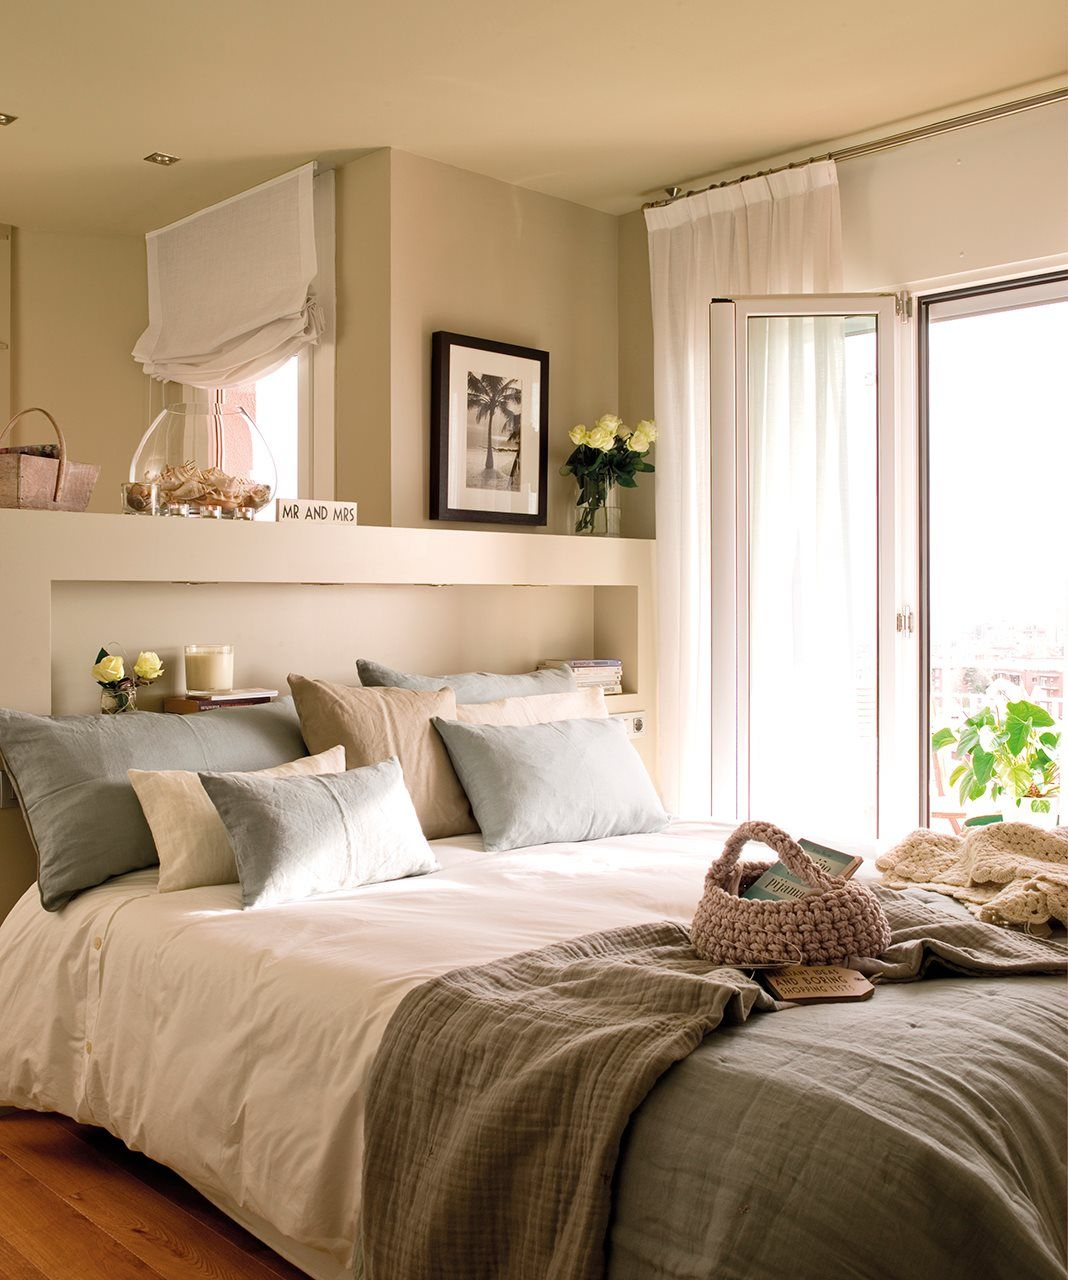 Design habitación 10 metros : Una reforma 10: estudió los metros Â¡y ganó! · ElMueble.com · Casas ...